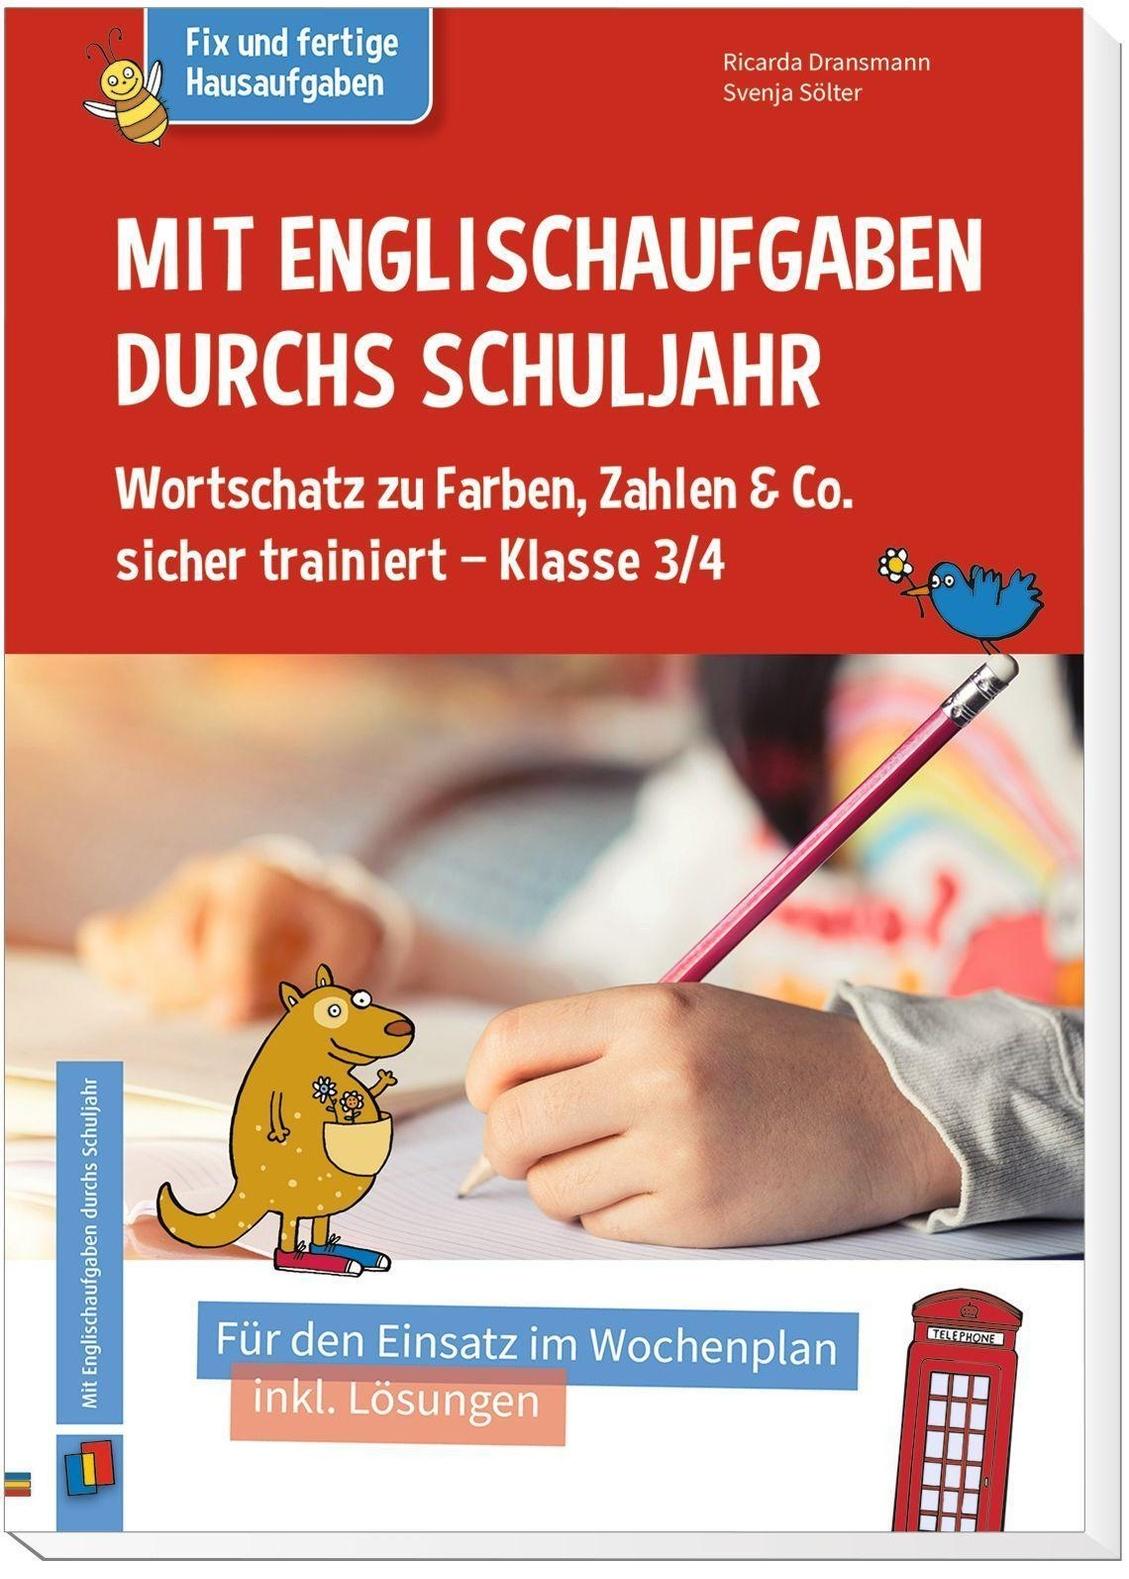 Mit Englischaufgaben durchs Schuljahr   Wortschatz zu Farben, Zahlen & Co.  sicher trainiert   Klasse 20/20